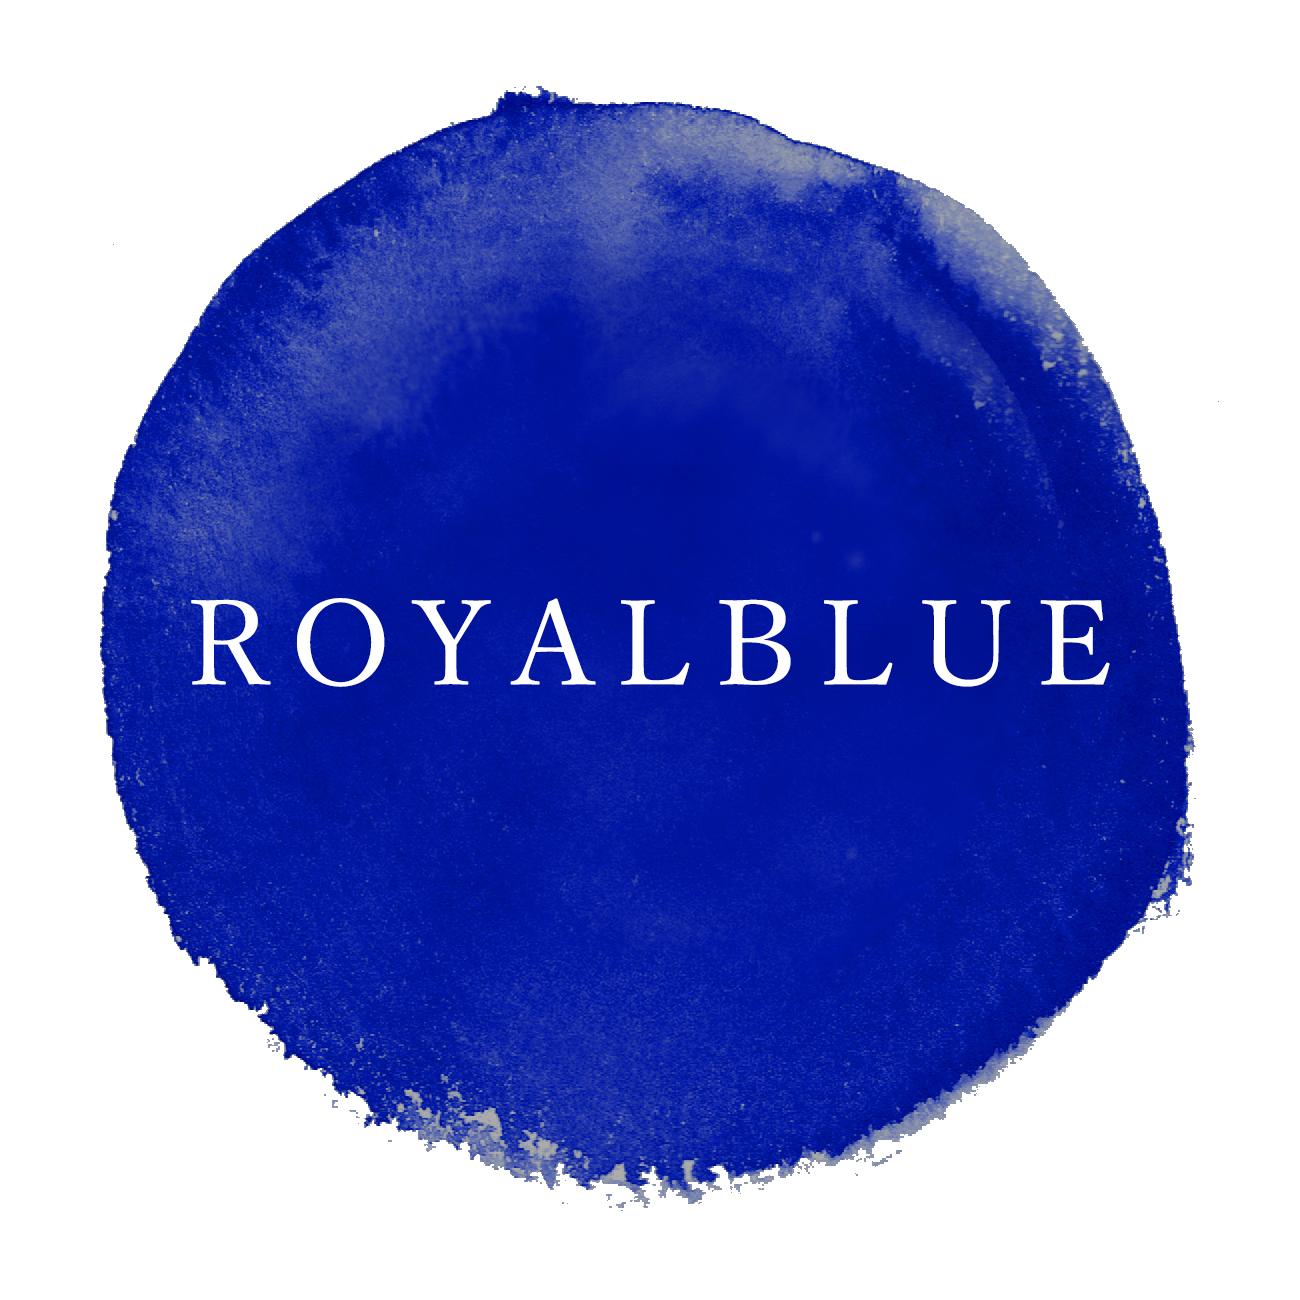 カラー占い,色占い,ロイヤルブルー